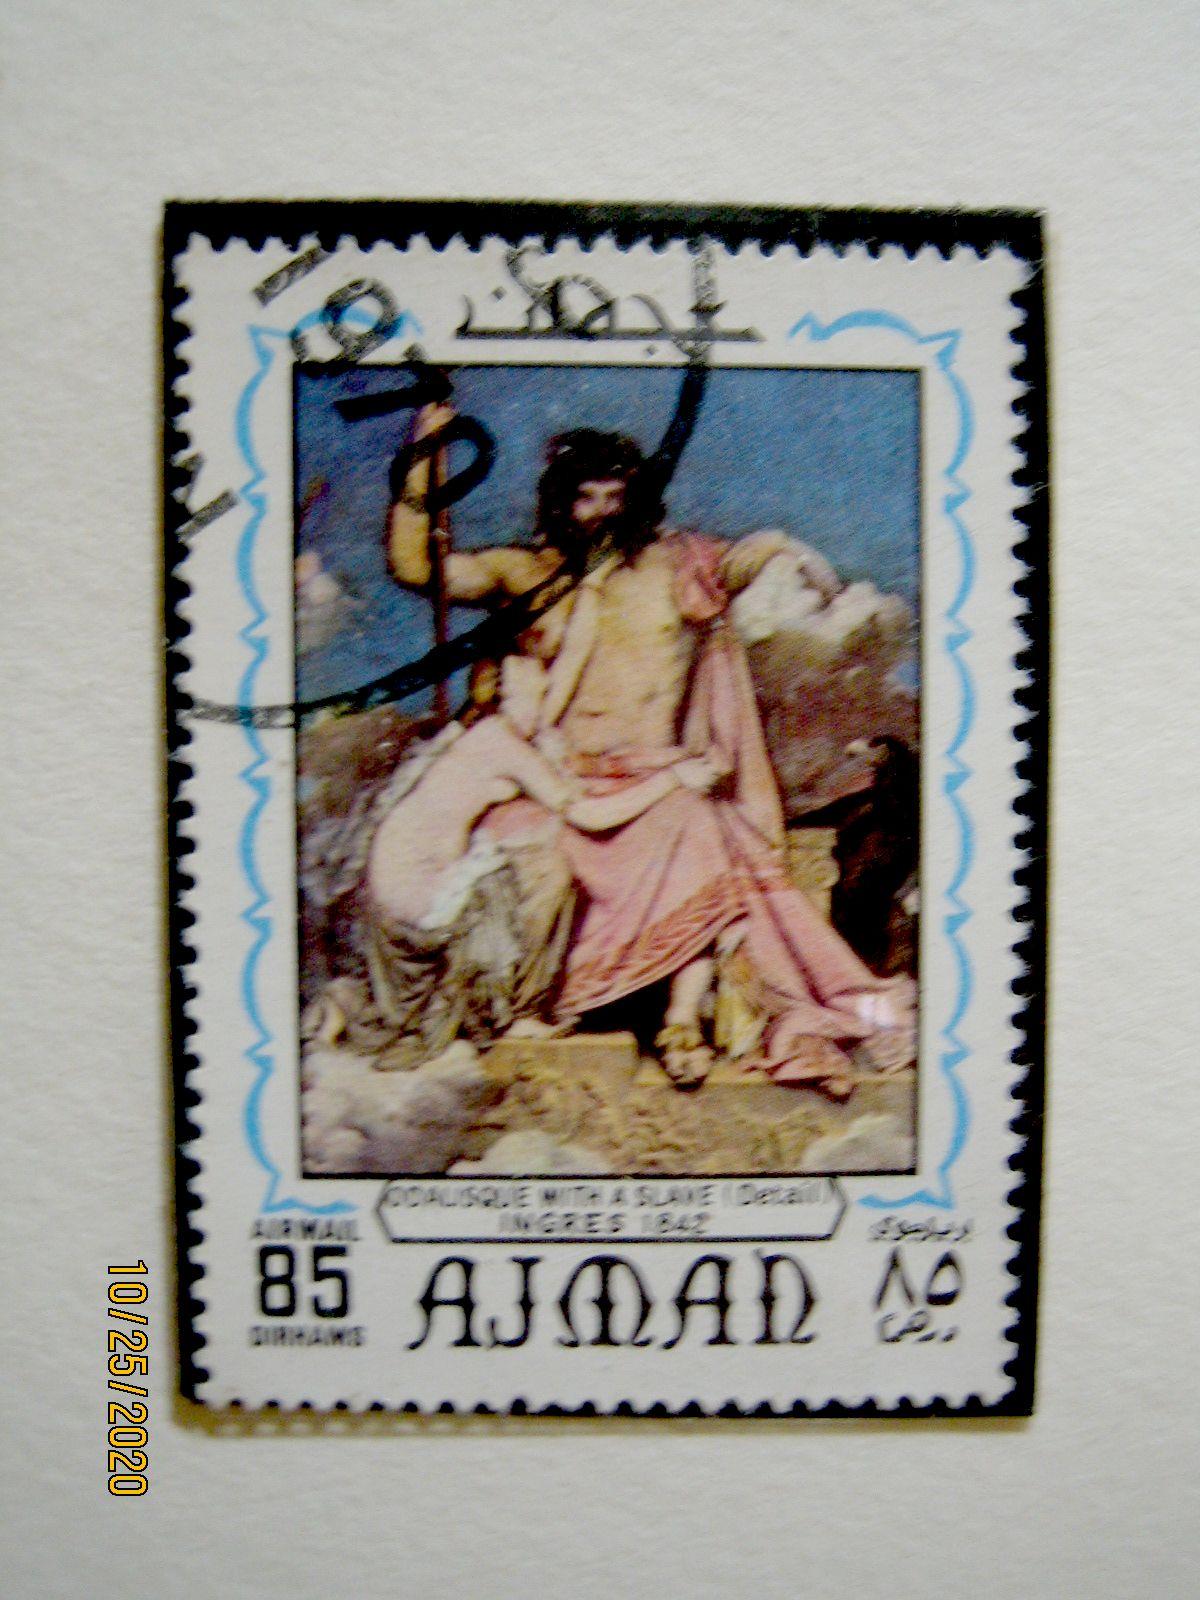 Аджман, 6 июня 1970, марка из серии «Живопись Жана Огюста Доминика Энгра» с репродукцией картины «Зевс и Фетида»